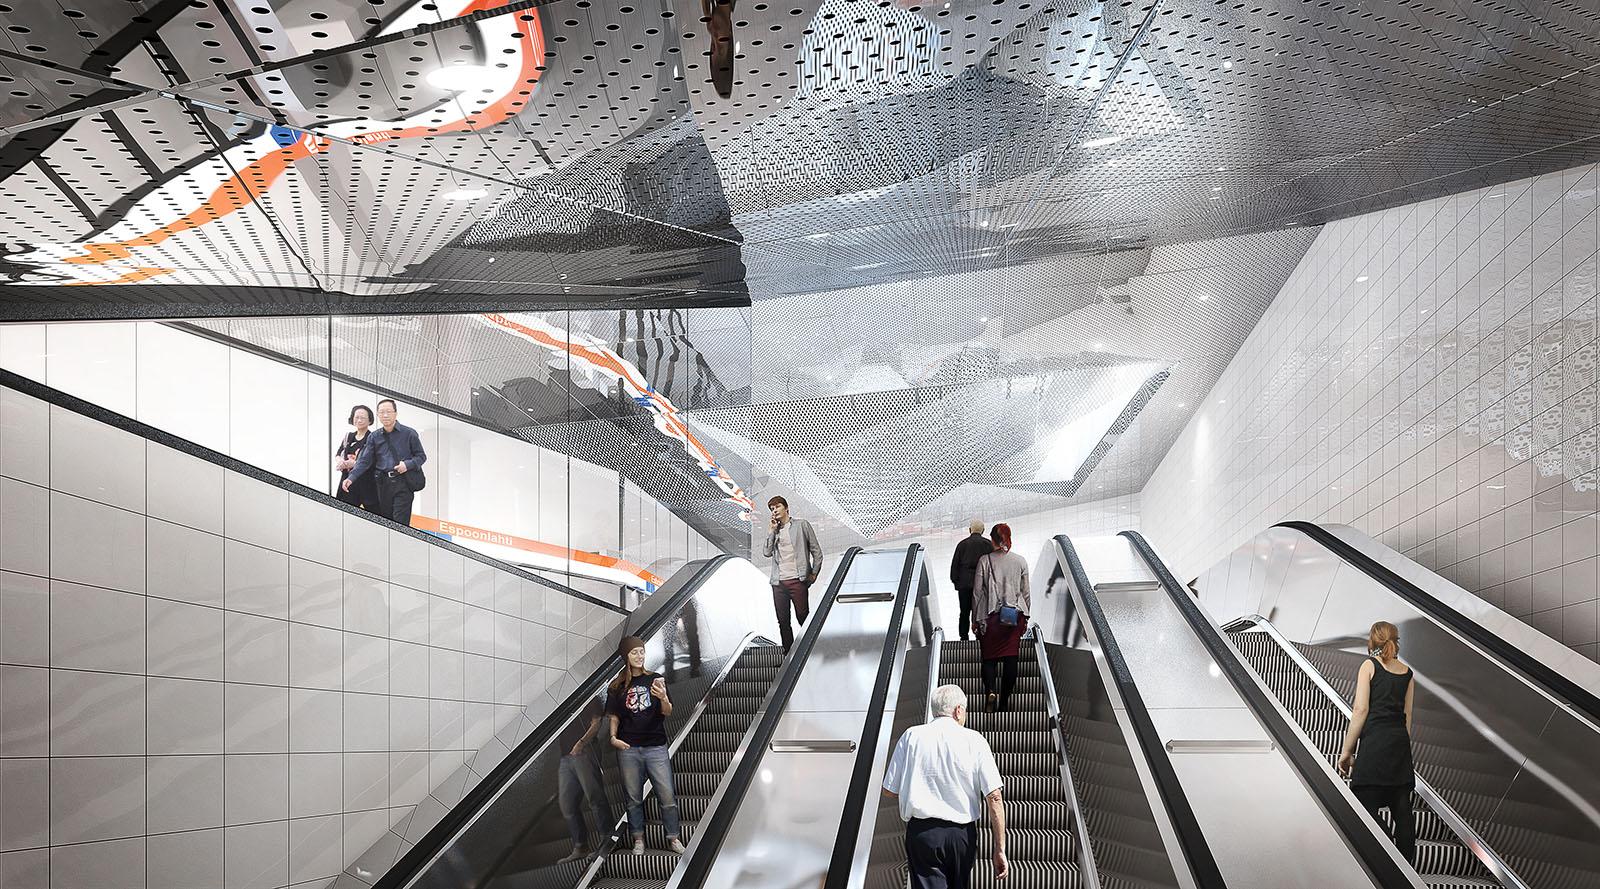 Havainnekuva Espoonlahden metroaseman Solmutorin sisäänkäynnin liukuportaista.